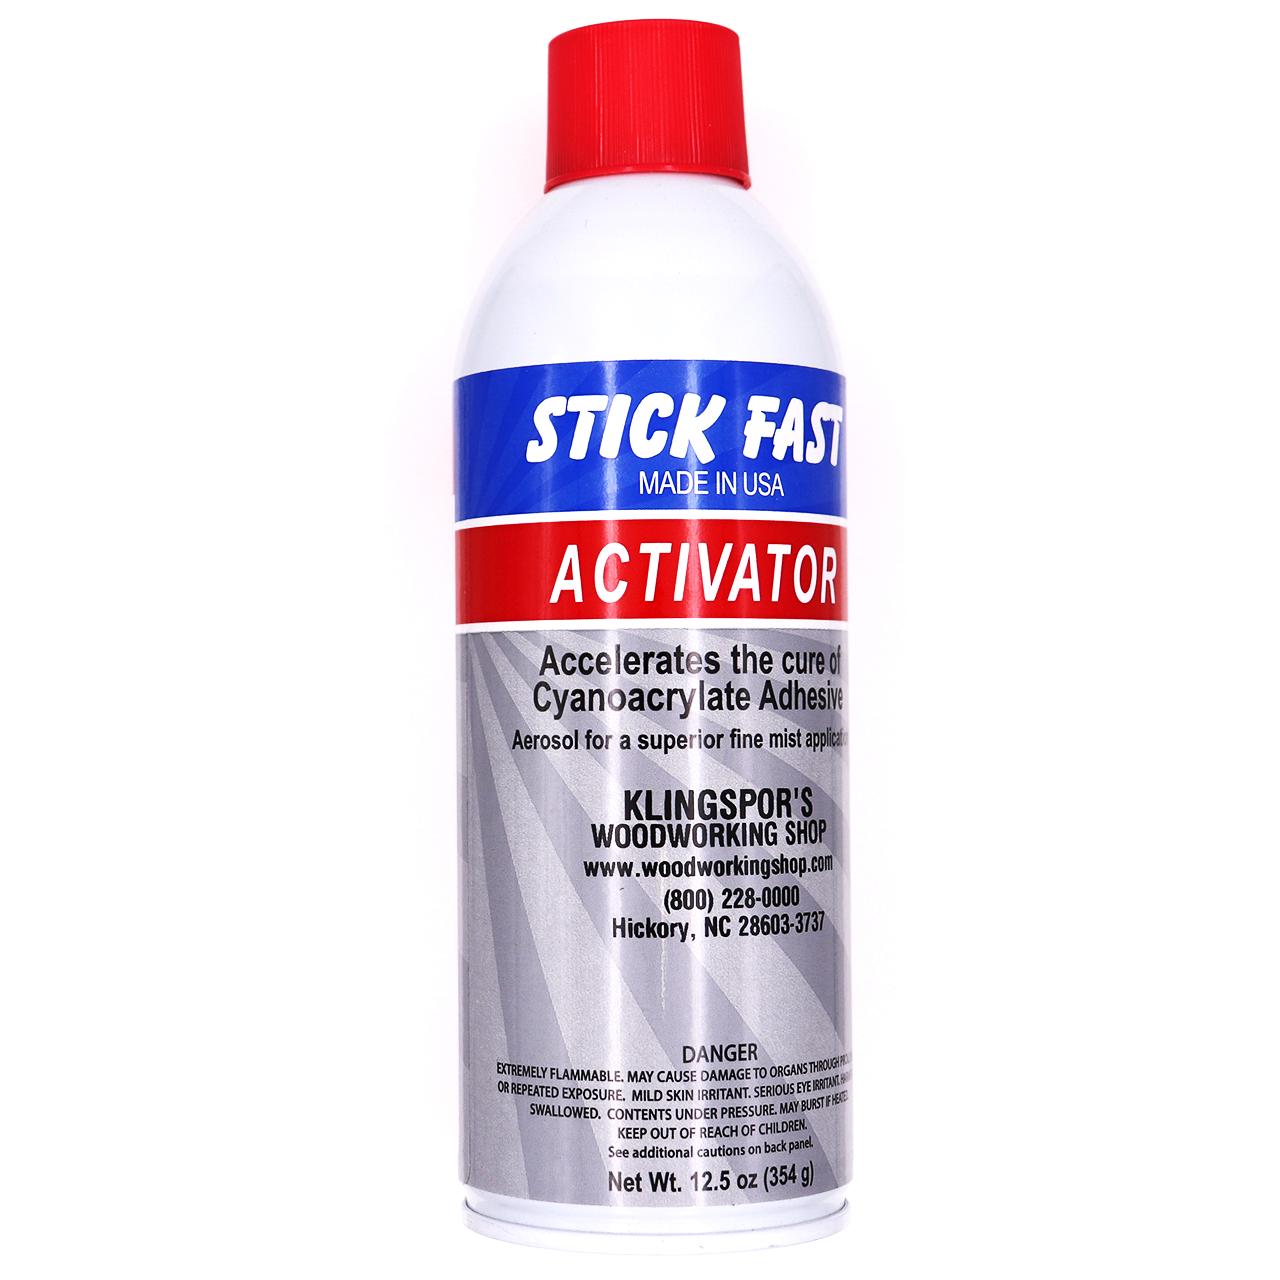 Stick Fast CA Glue Accelerator, Aerosol 12.5oz